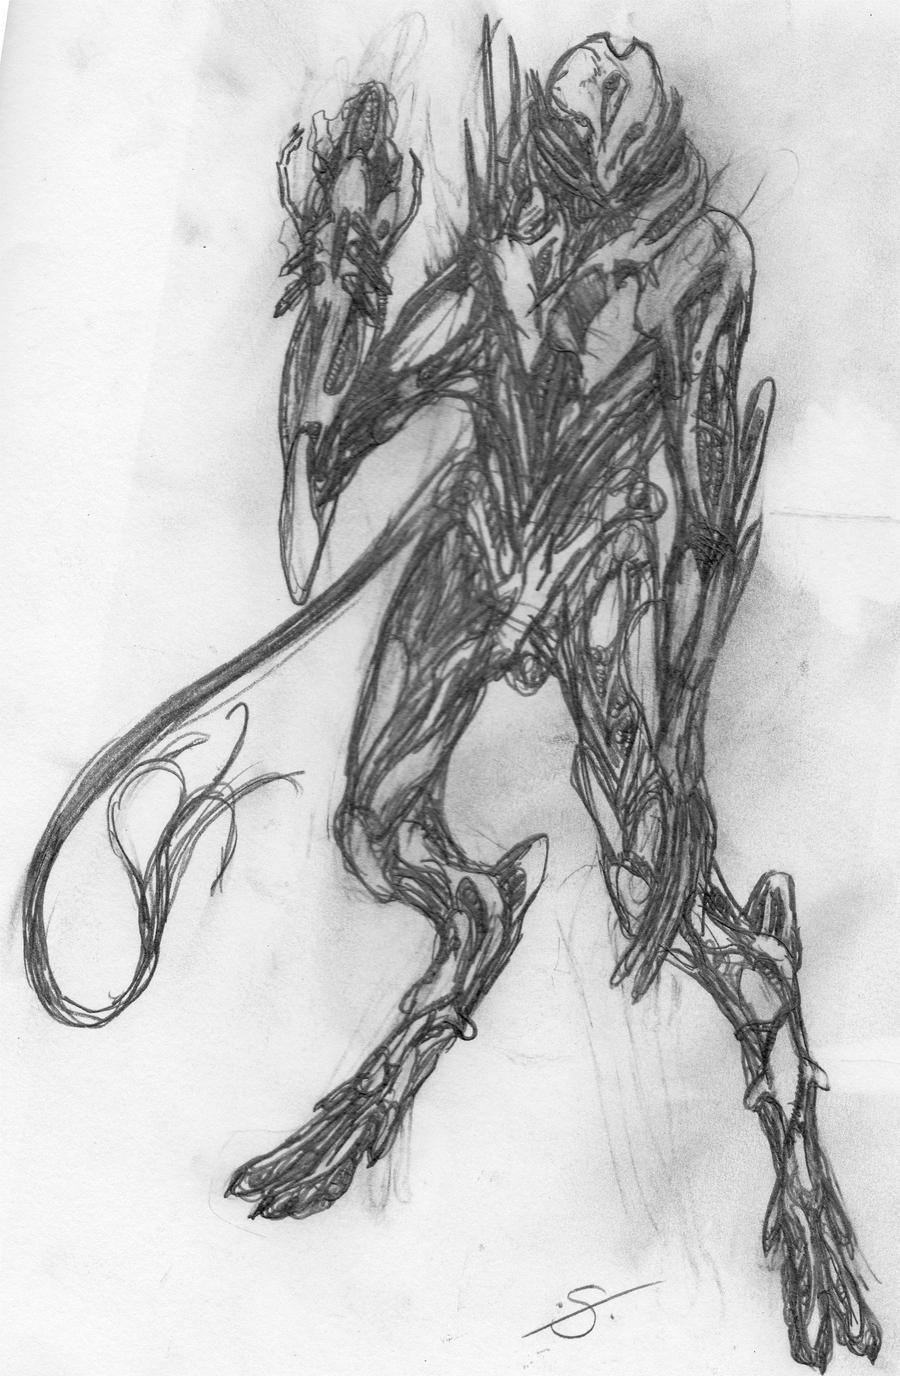 Alien Soldier by Sarta...